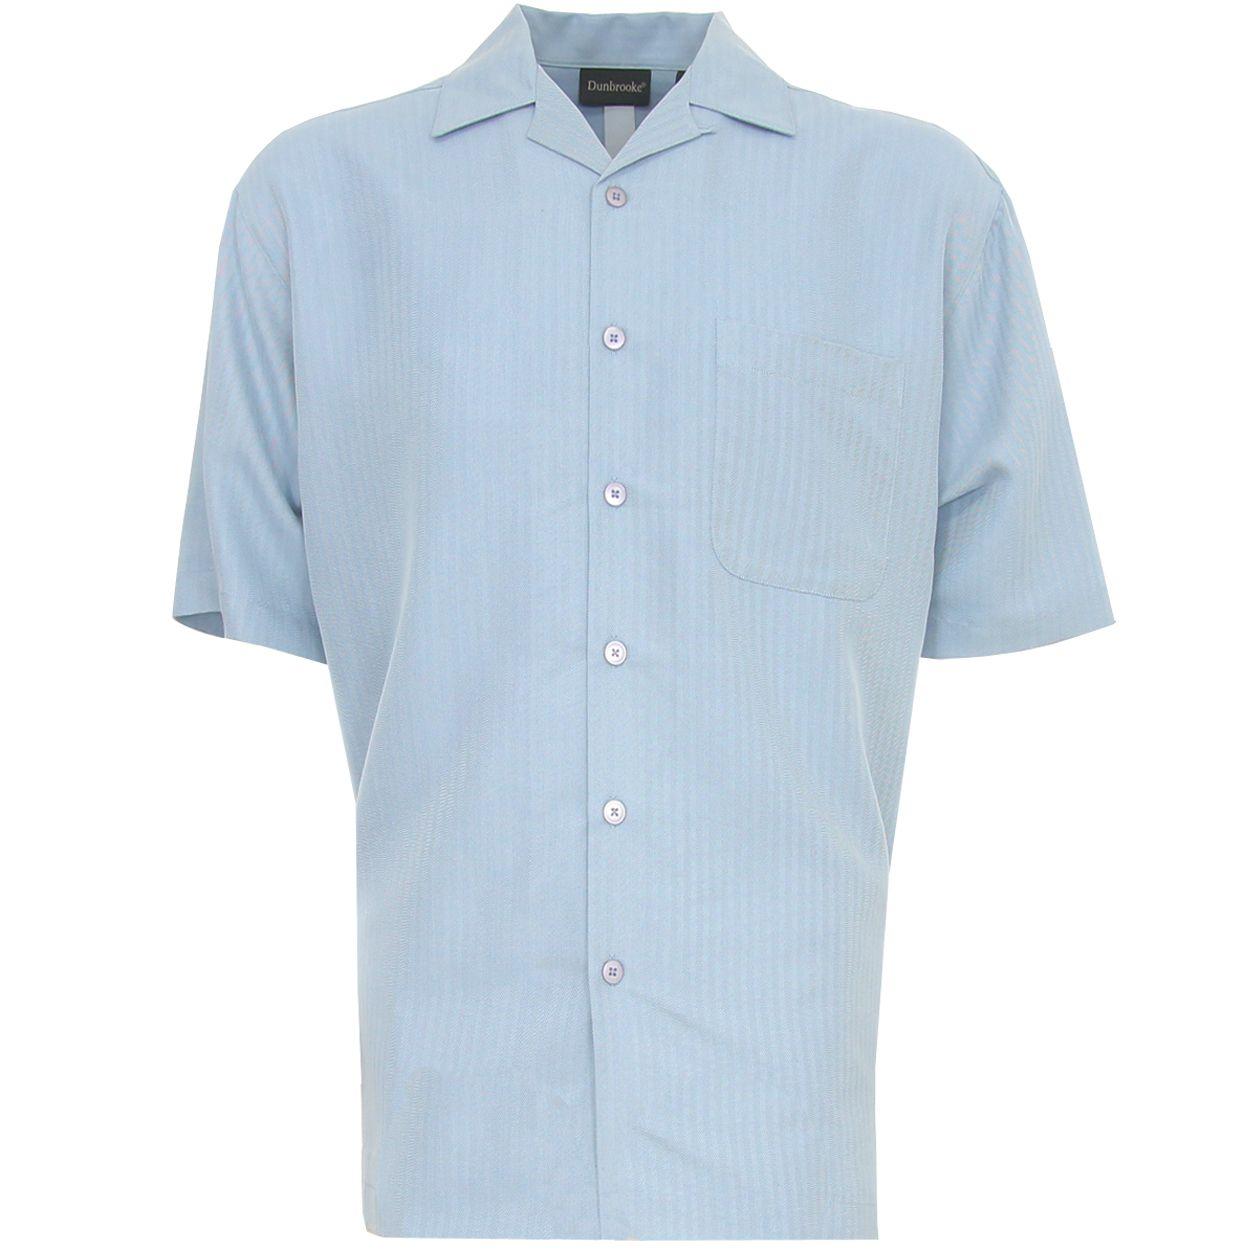 Dunbrooke-Manga-Corta-De-Botones-Para-Hombre-Casual-Camisa-Nuevo